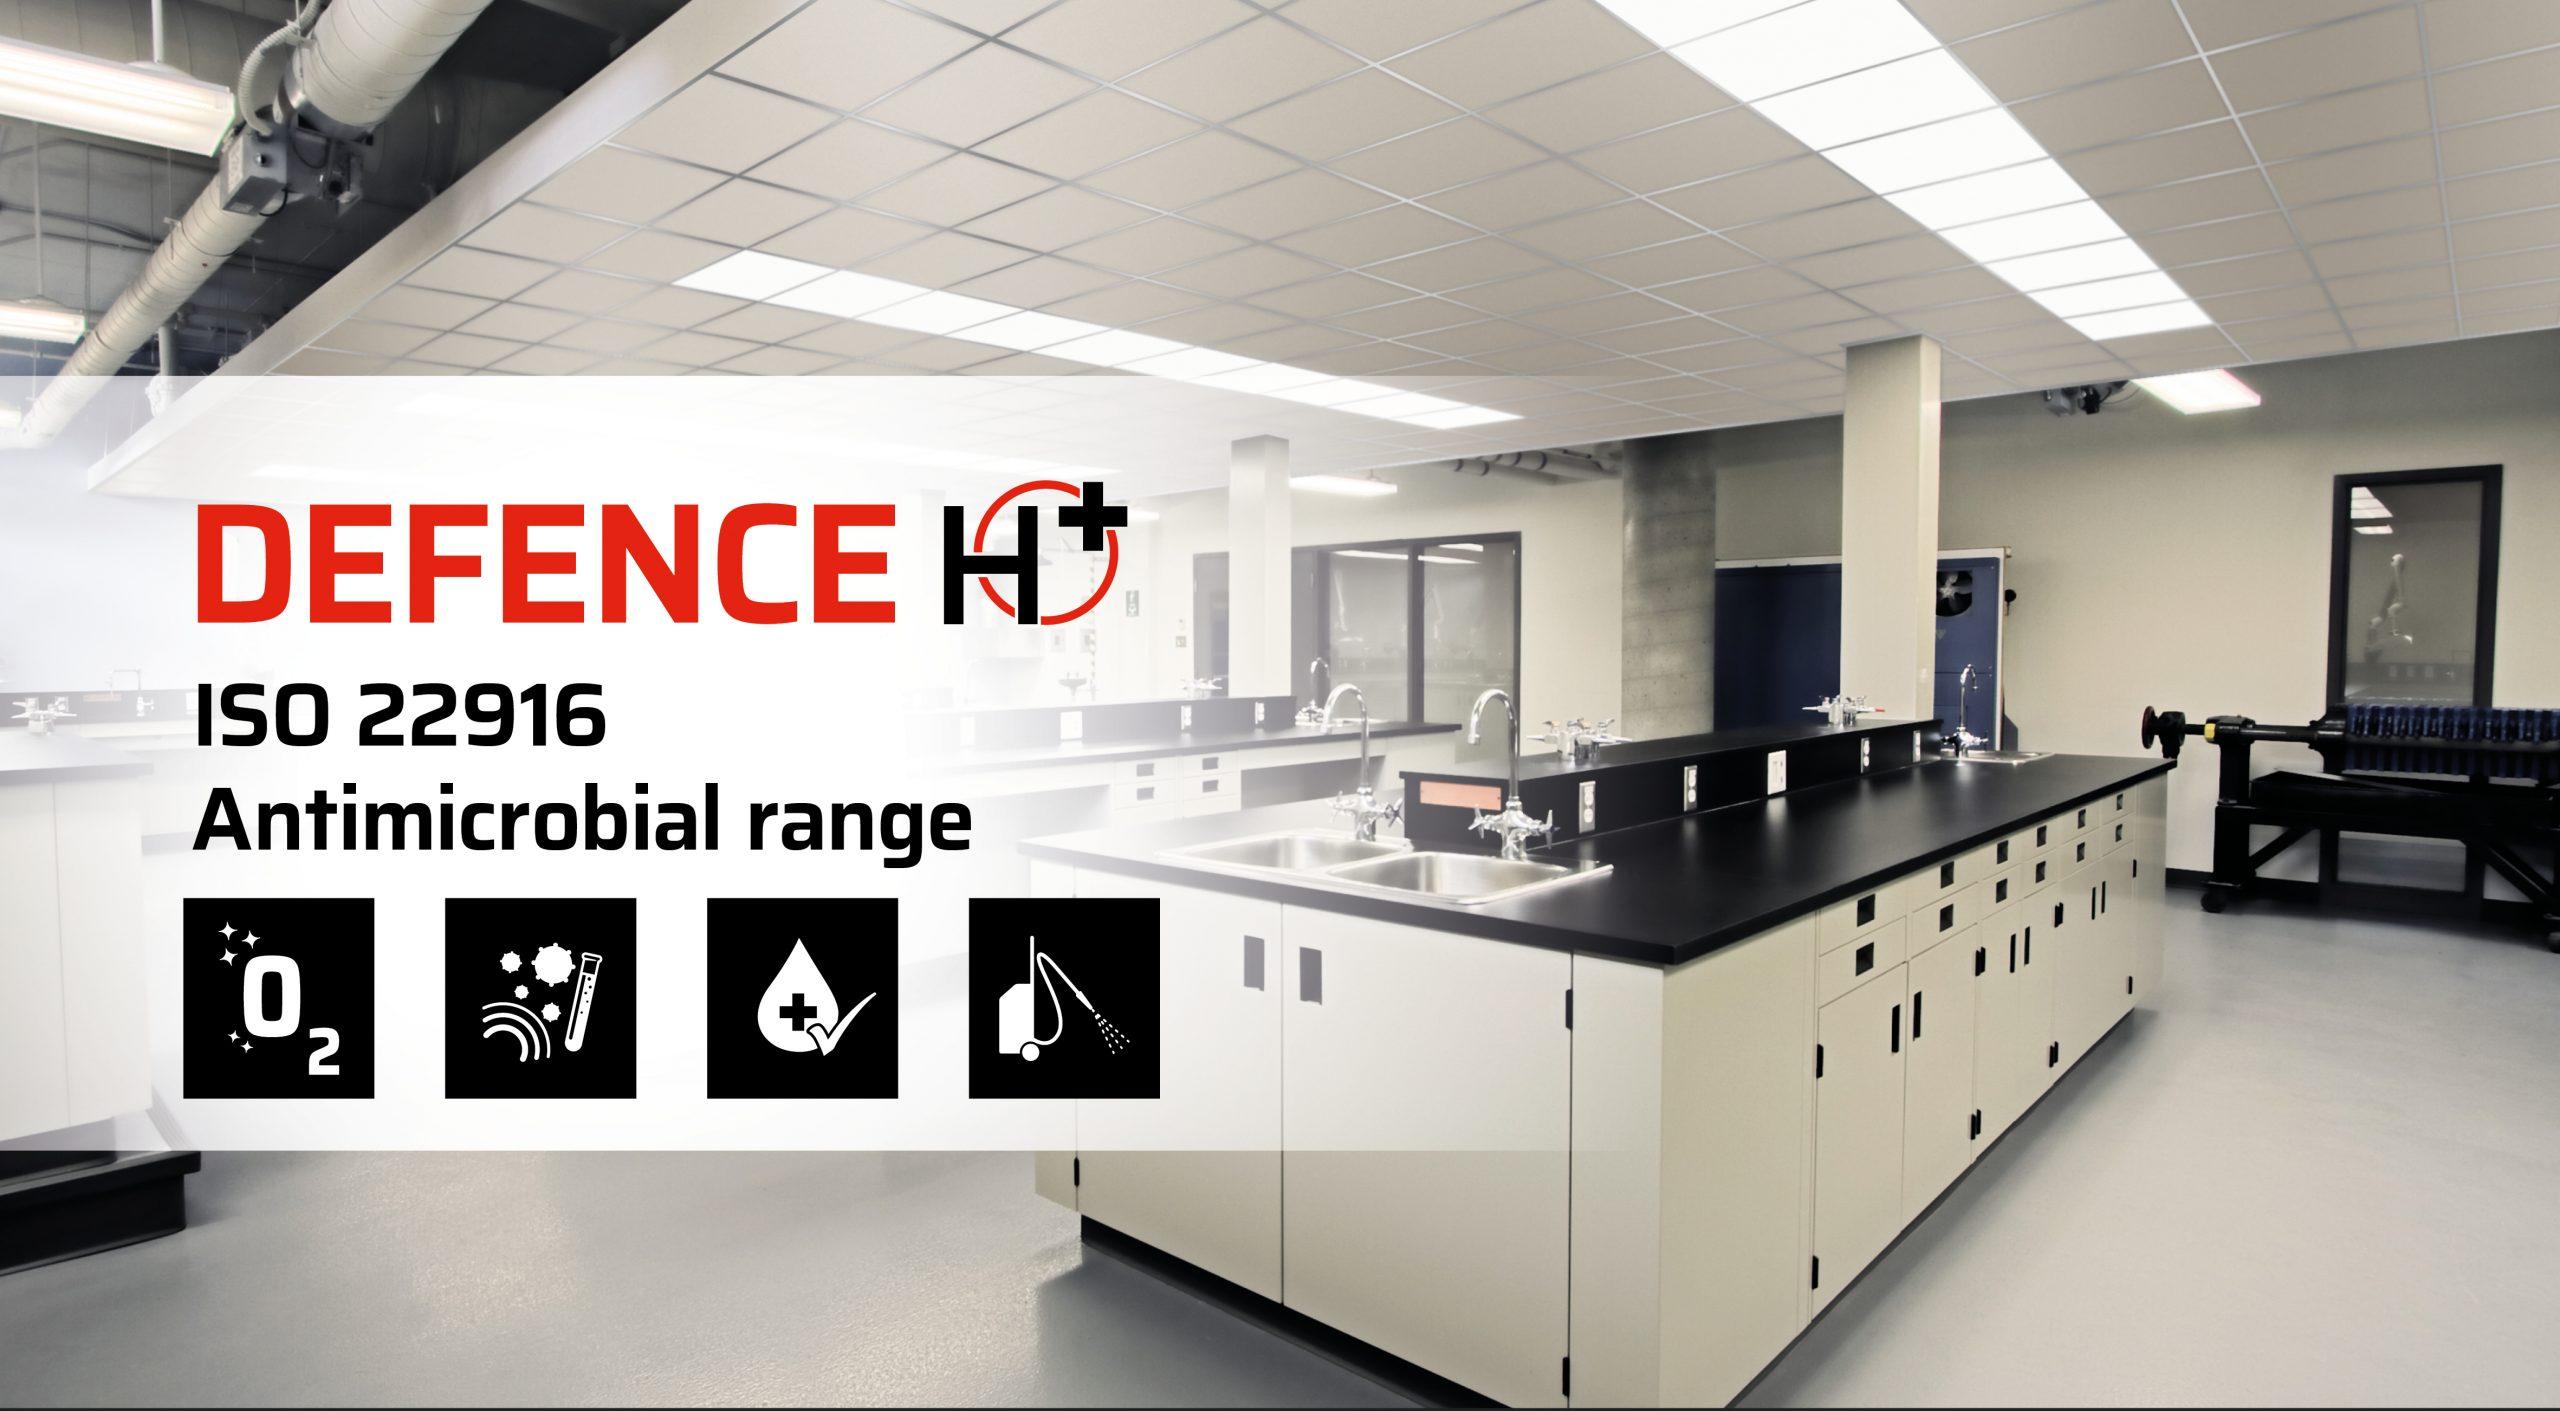 Controsoffitti gamma antimicrobica | Antimicrobial metal ceiling rangeControsoffitti gamma antimicrobica | Antimicrobial metal ceiling range